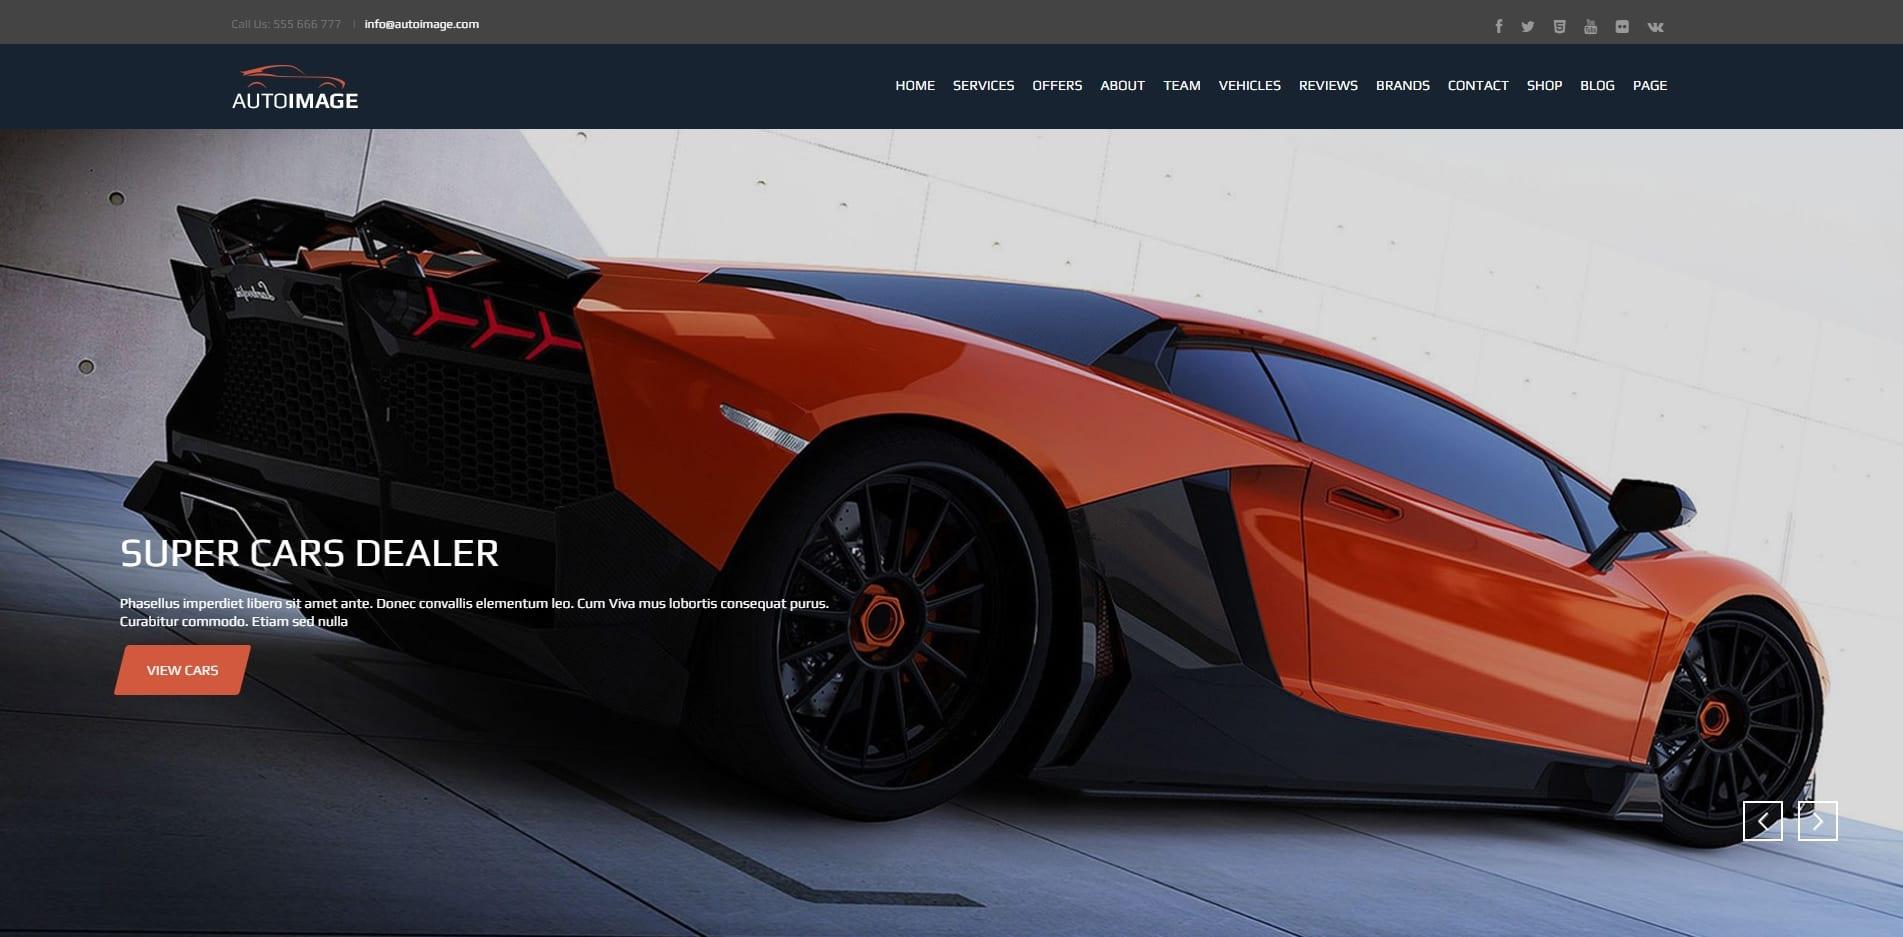 auto image car dealer website template